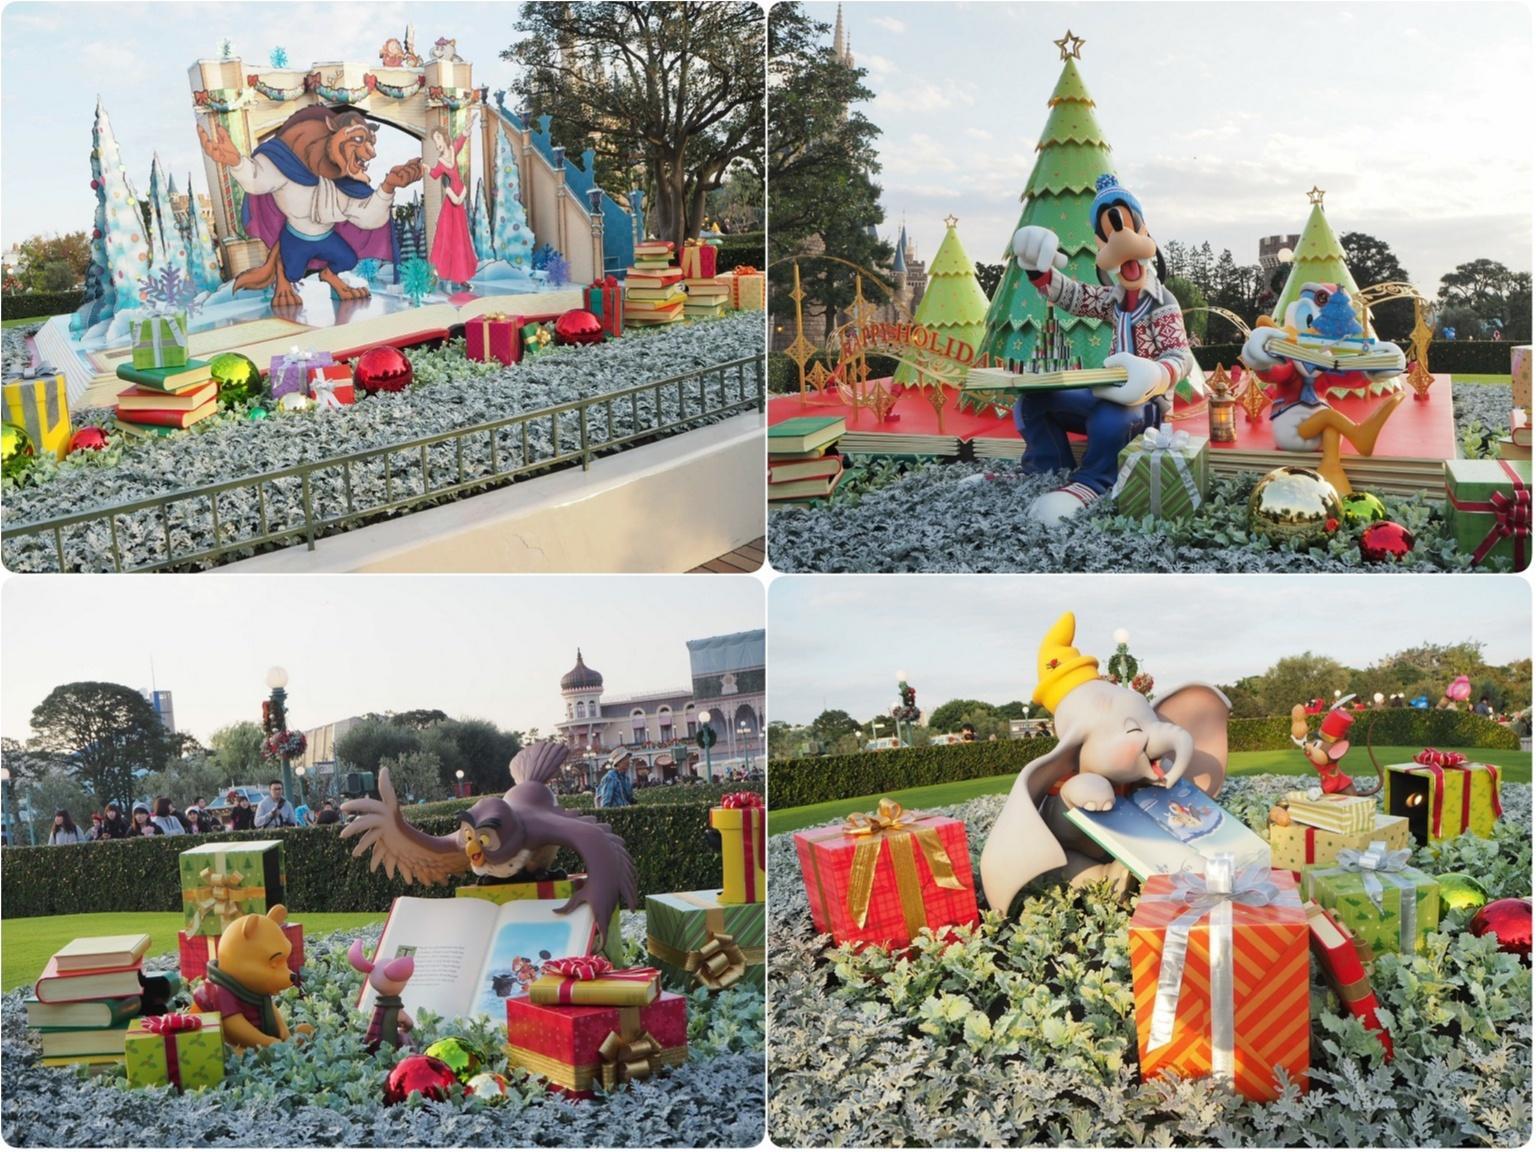 ディズニーランドクリスマスシーズン到来♪ー今の時期食べたいクリスマス